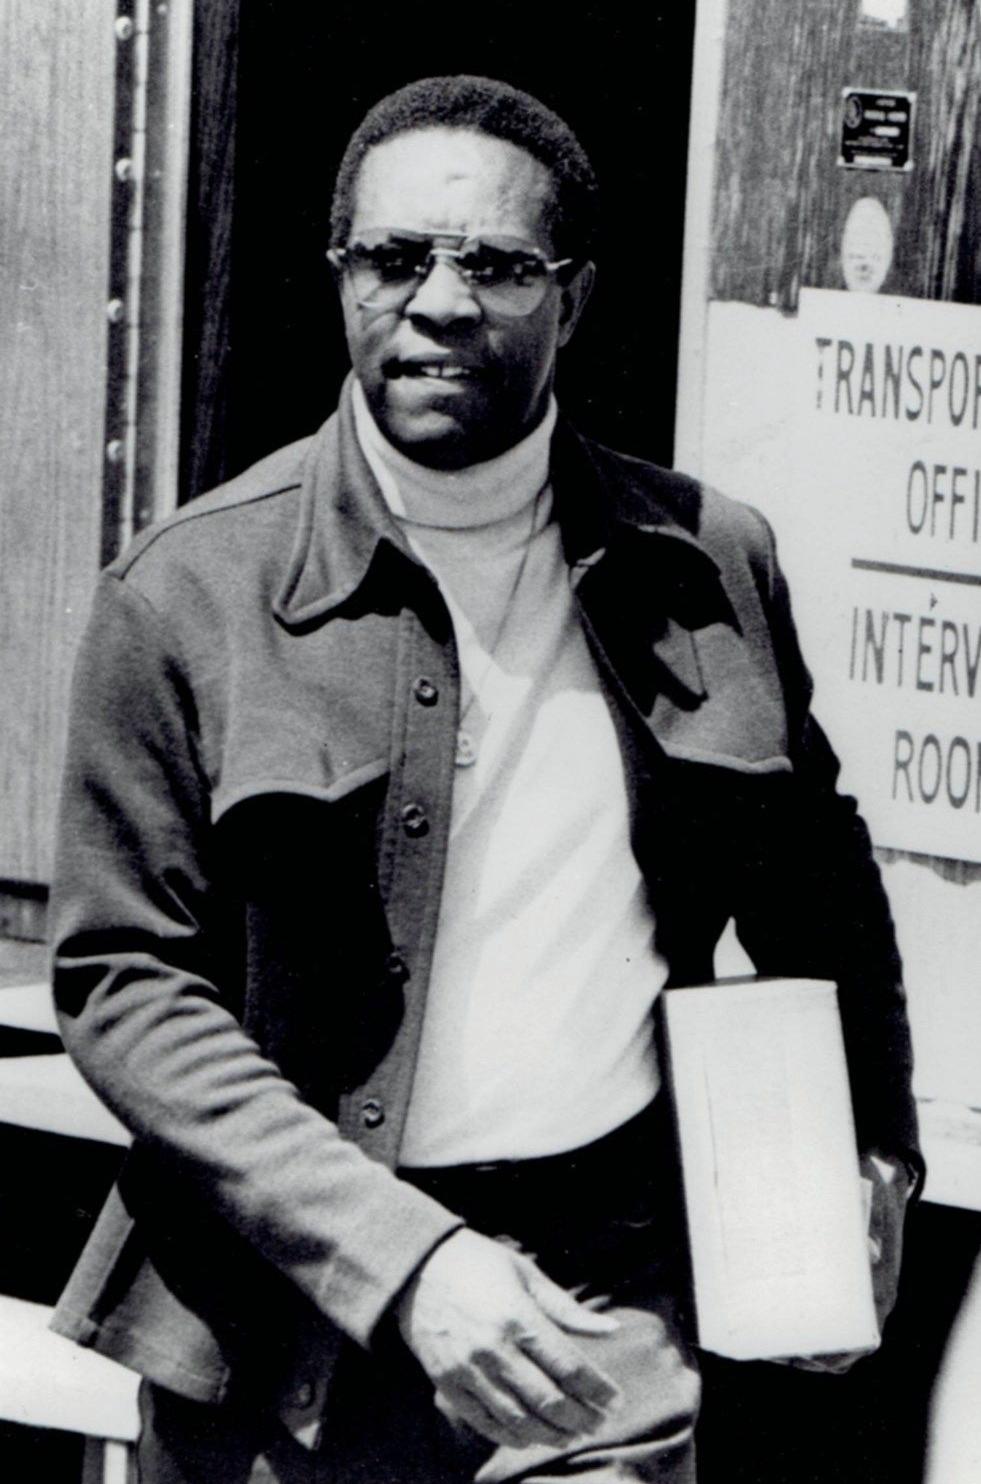 Lee Elder - Wikipedia